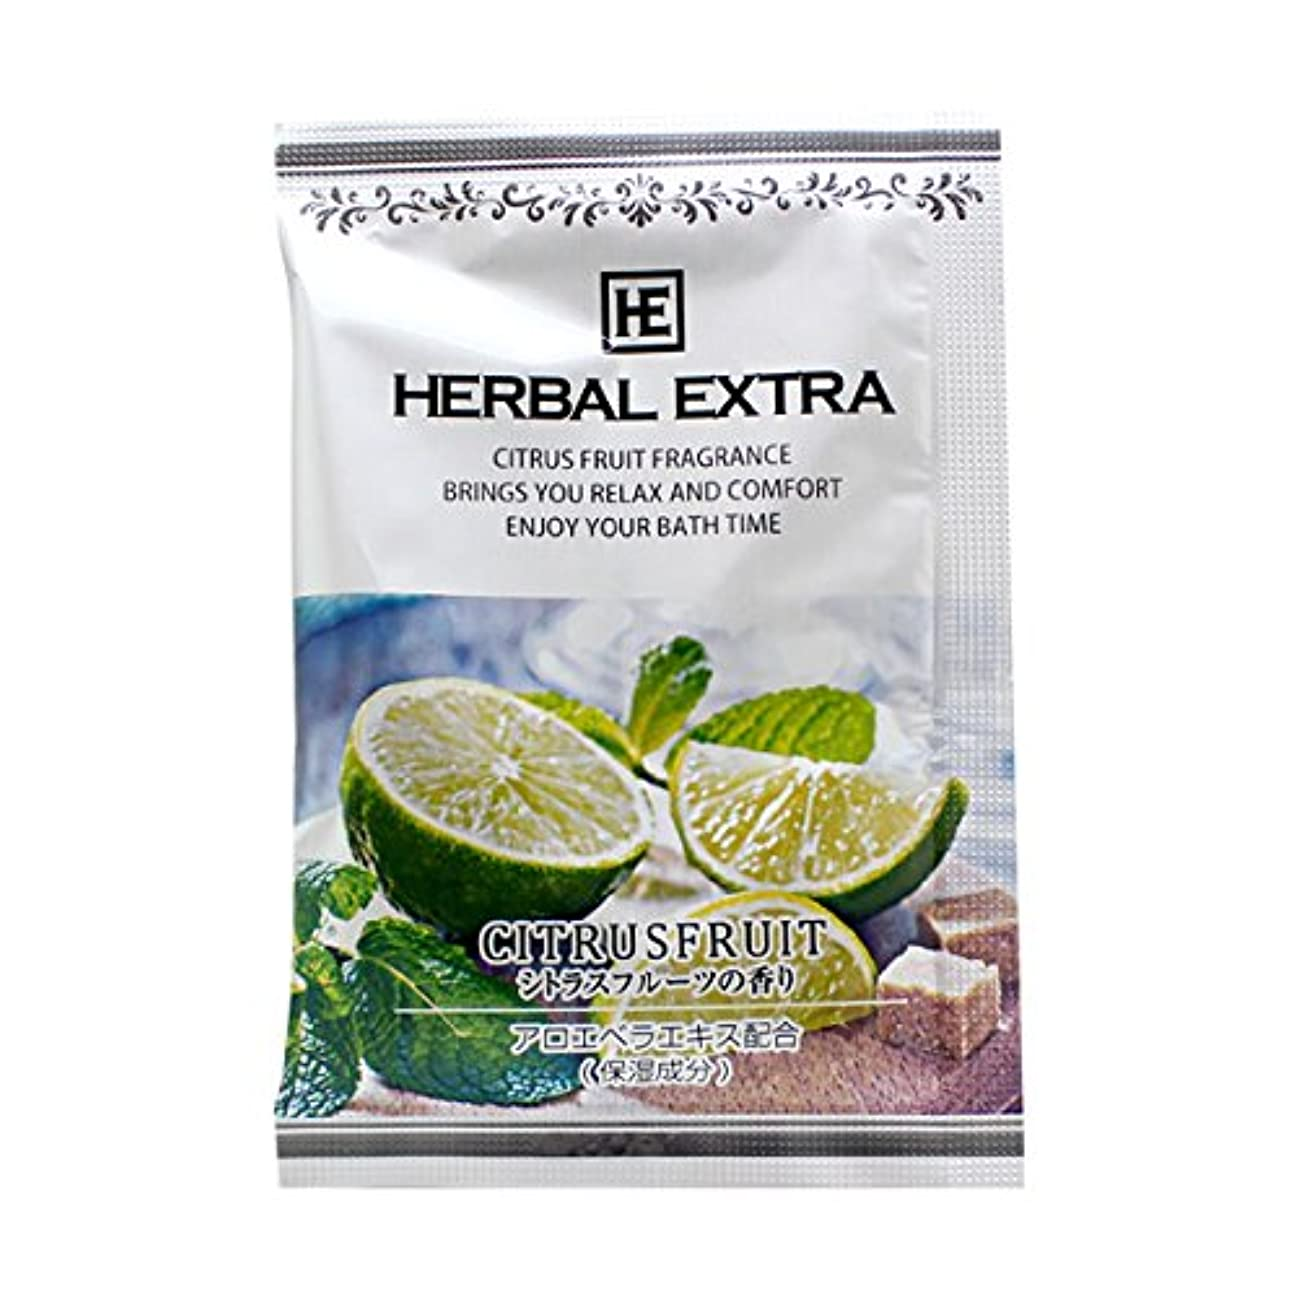 特にこんにちは変化する入浴剤 ハーバルエクストラ「シトラスフルーツの香り」30個